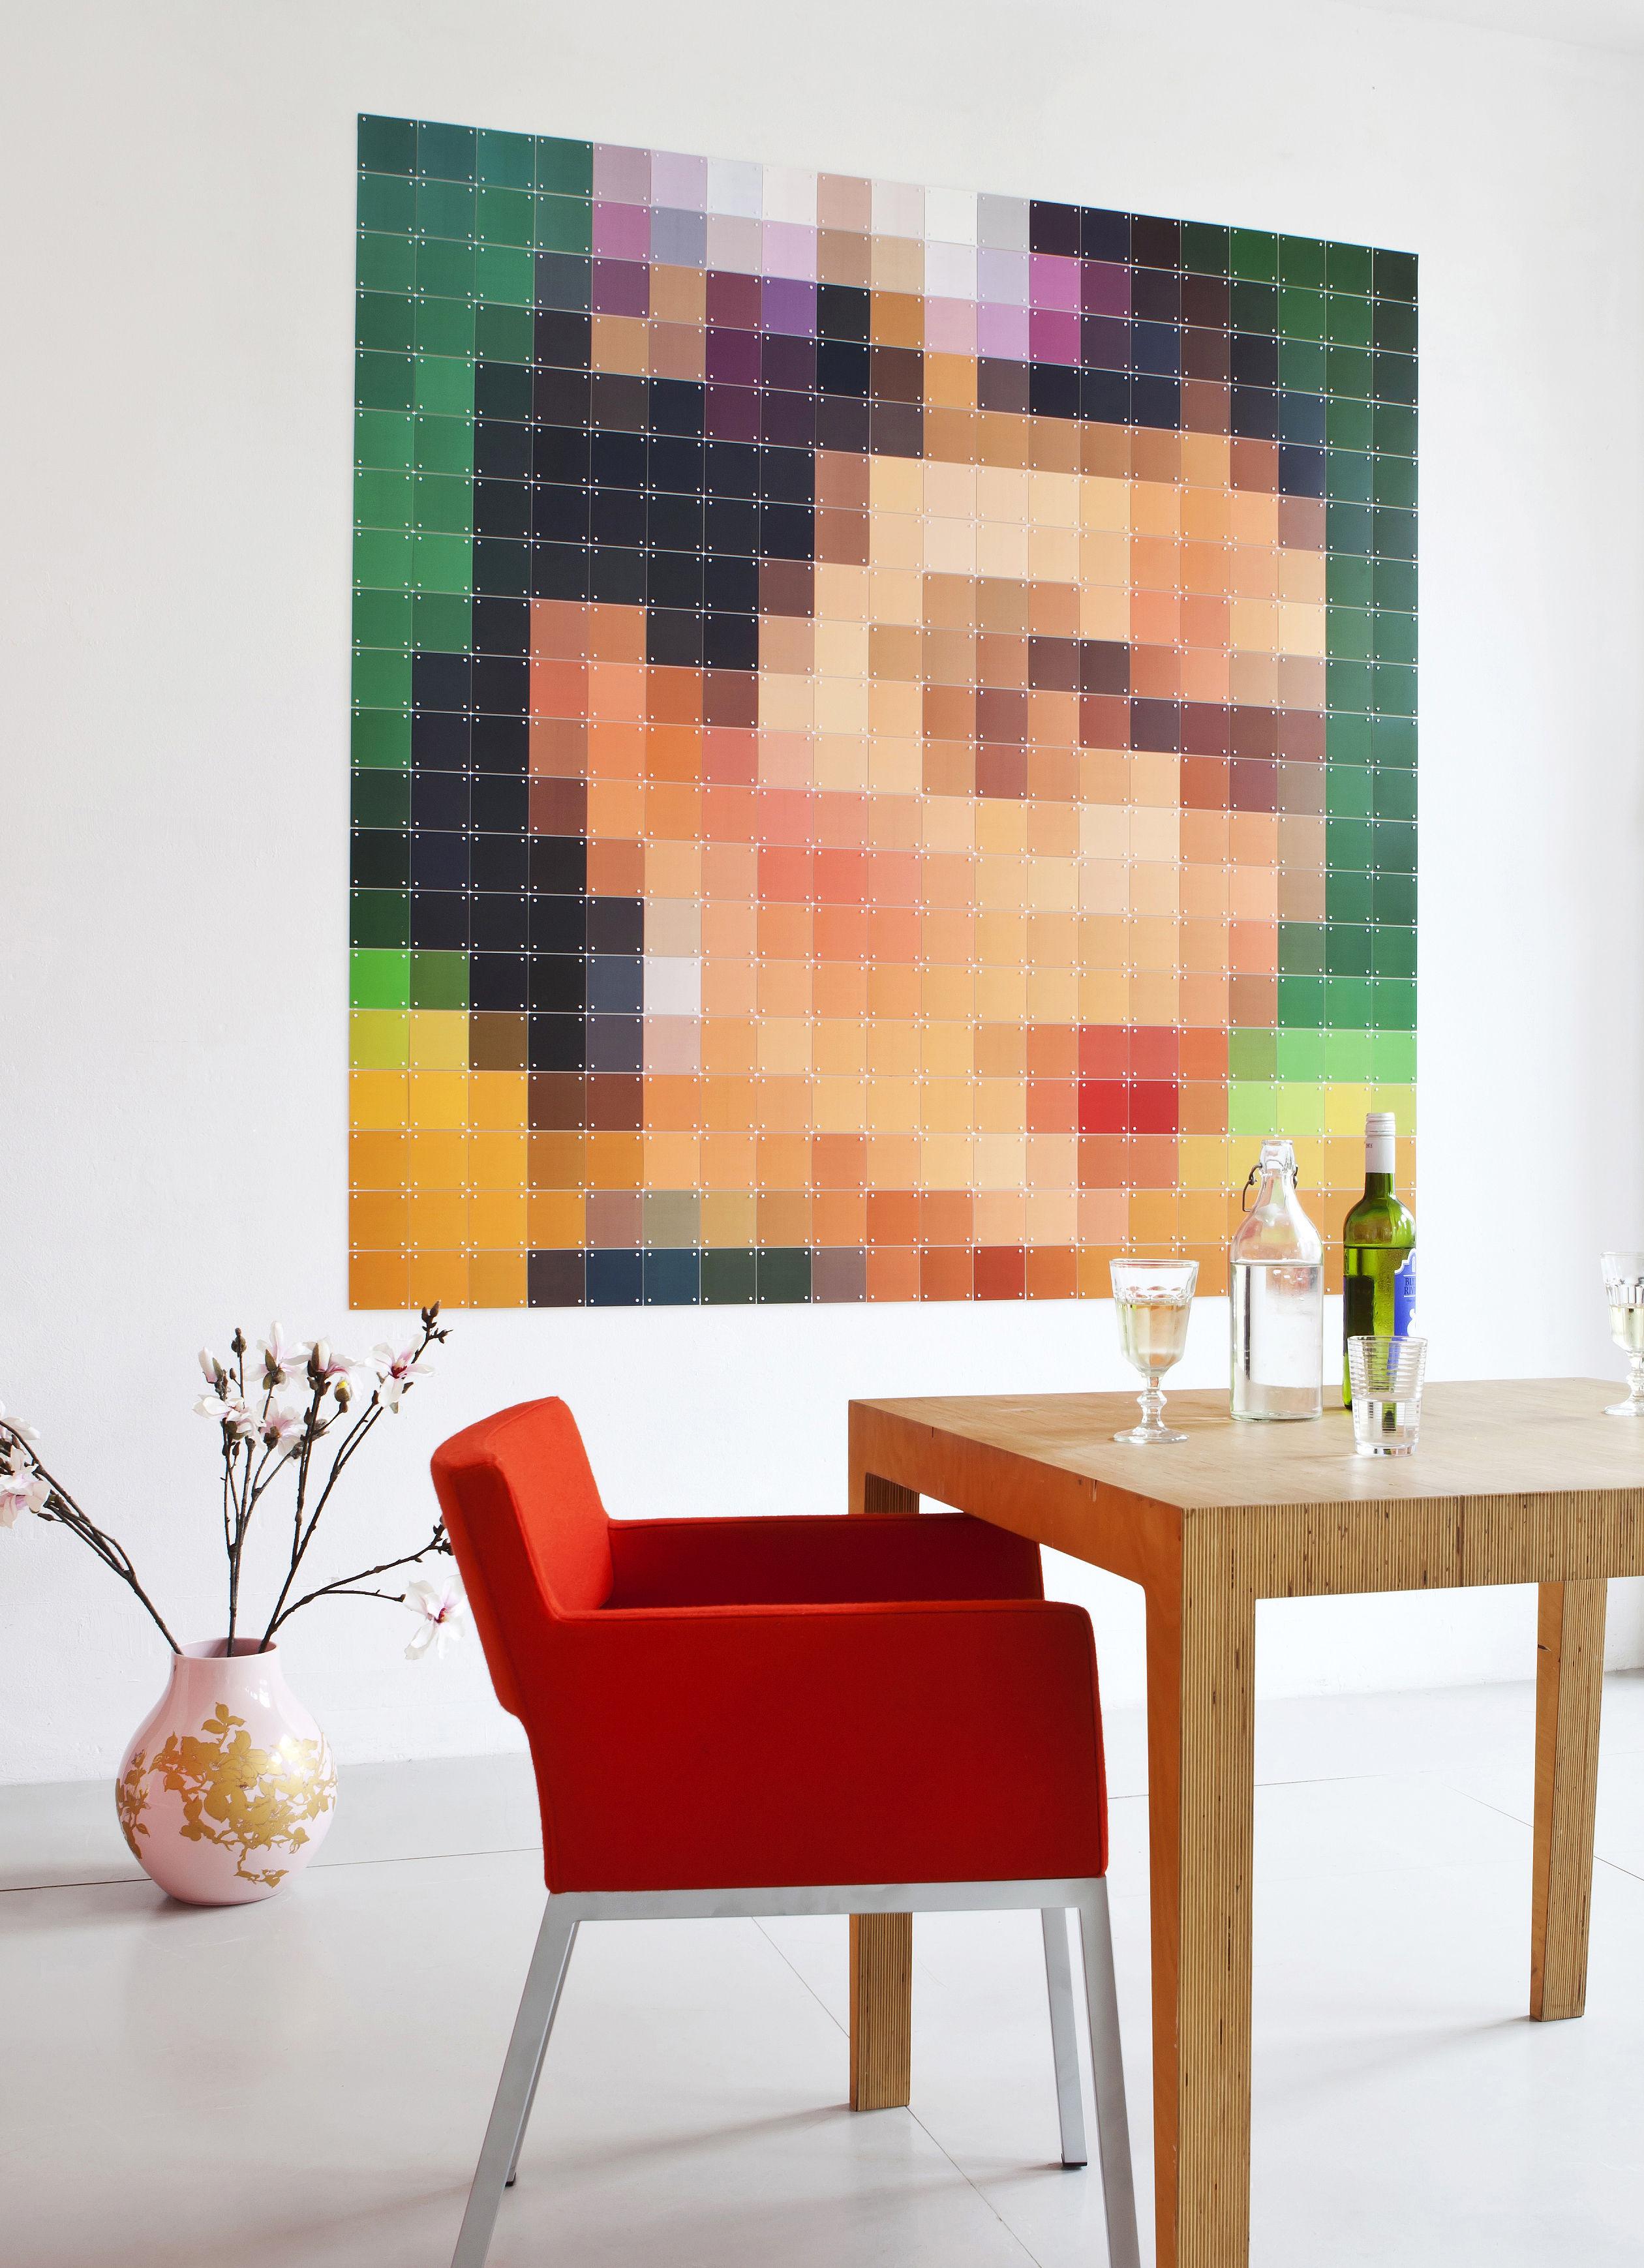 Déco - Objets déco et cadres-photos - Tableau Frida Kahlo / 200 x 200 cm - ixxi - Multicolore / Frida - Papier synthétique